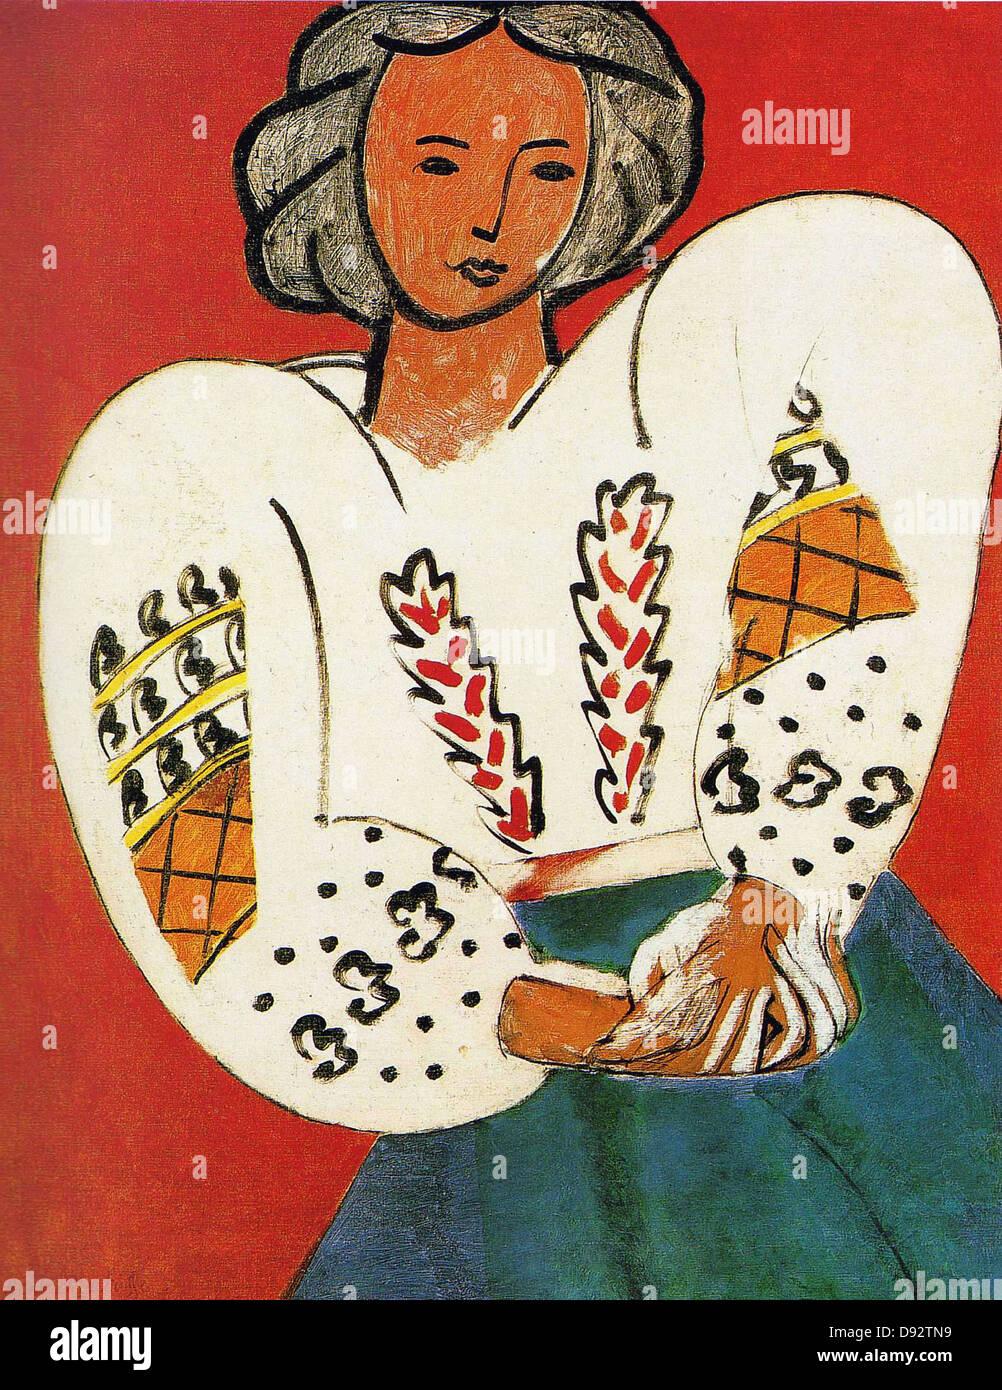 Henri Matisse La camicetta roumaine 1940 Centro Georges Pompidou - Parigi Immagini Stock